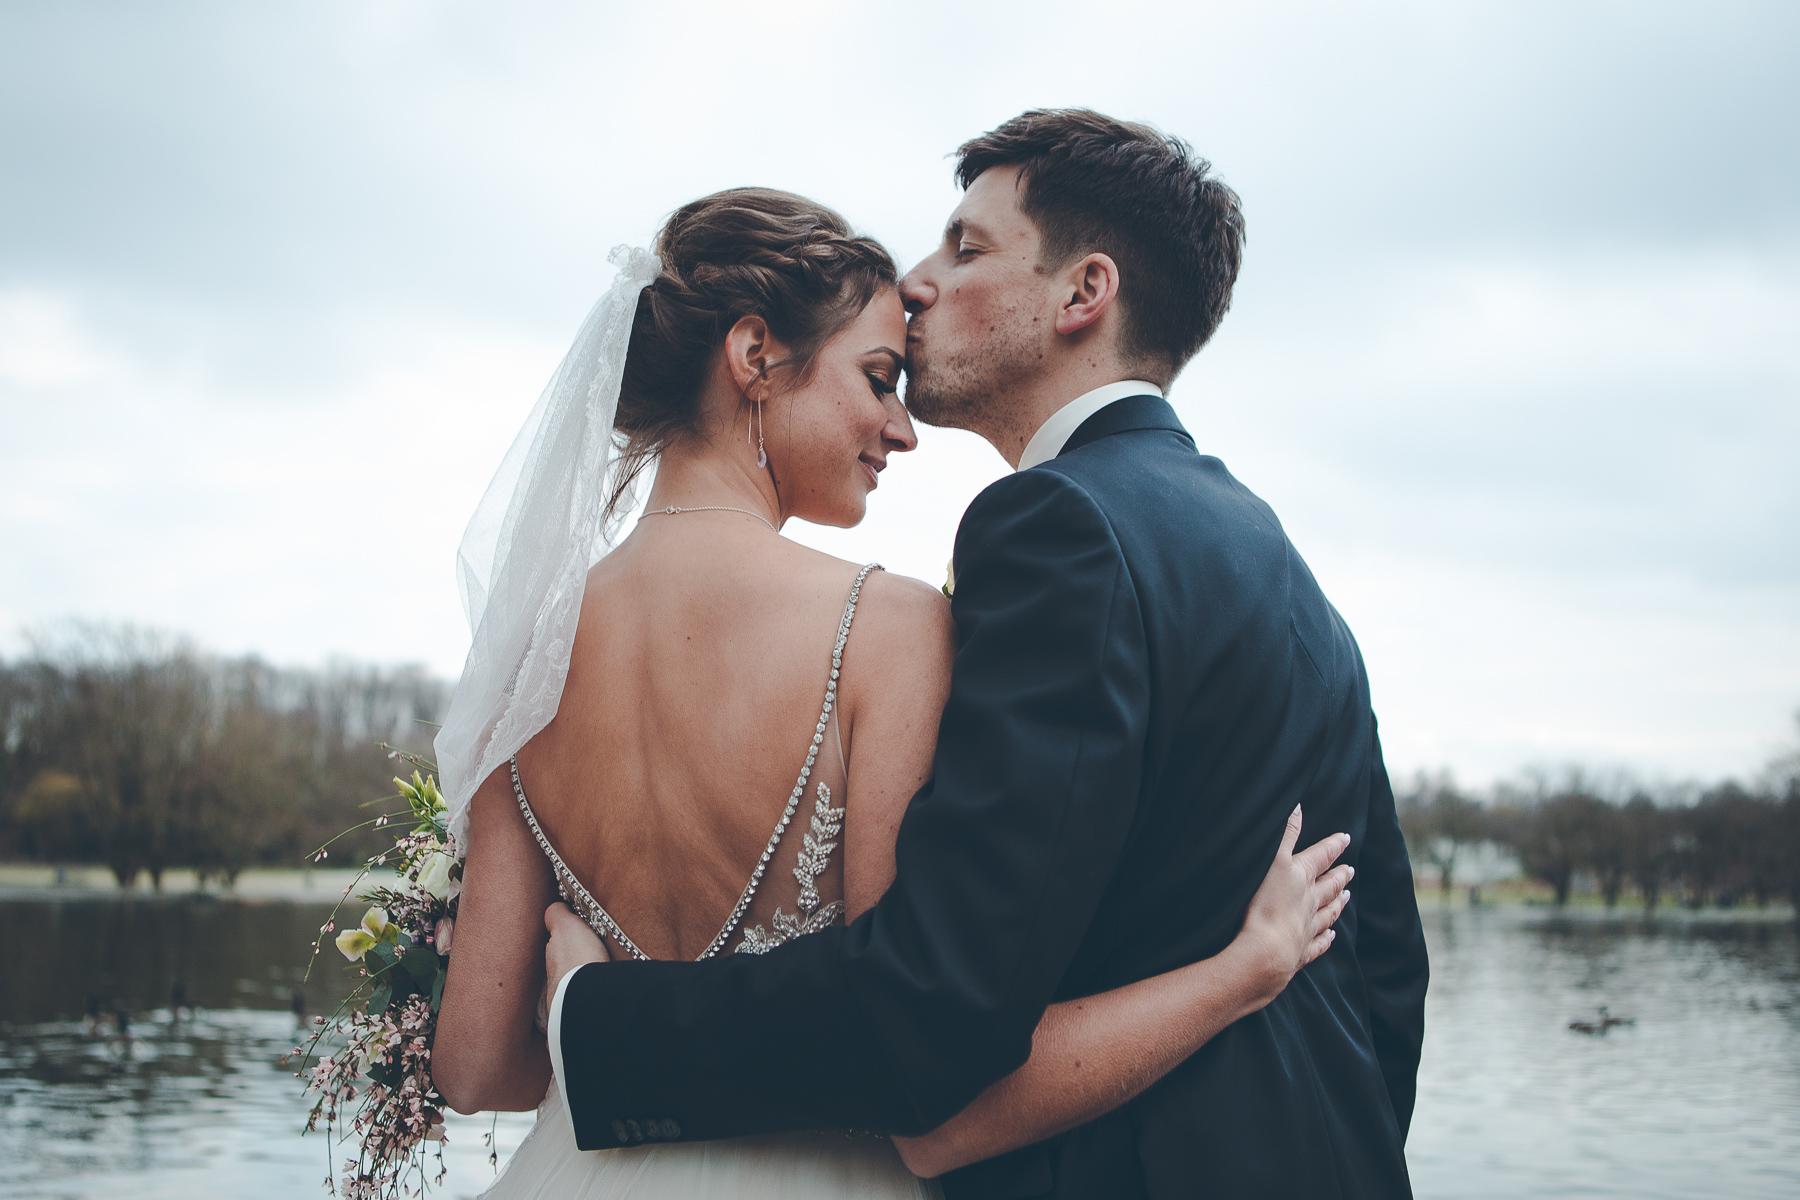 Hochzeitsbilder: Bräutigam küsst Braut auf die Stirn am See im Westpark